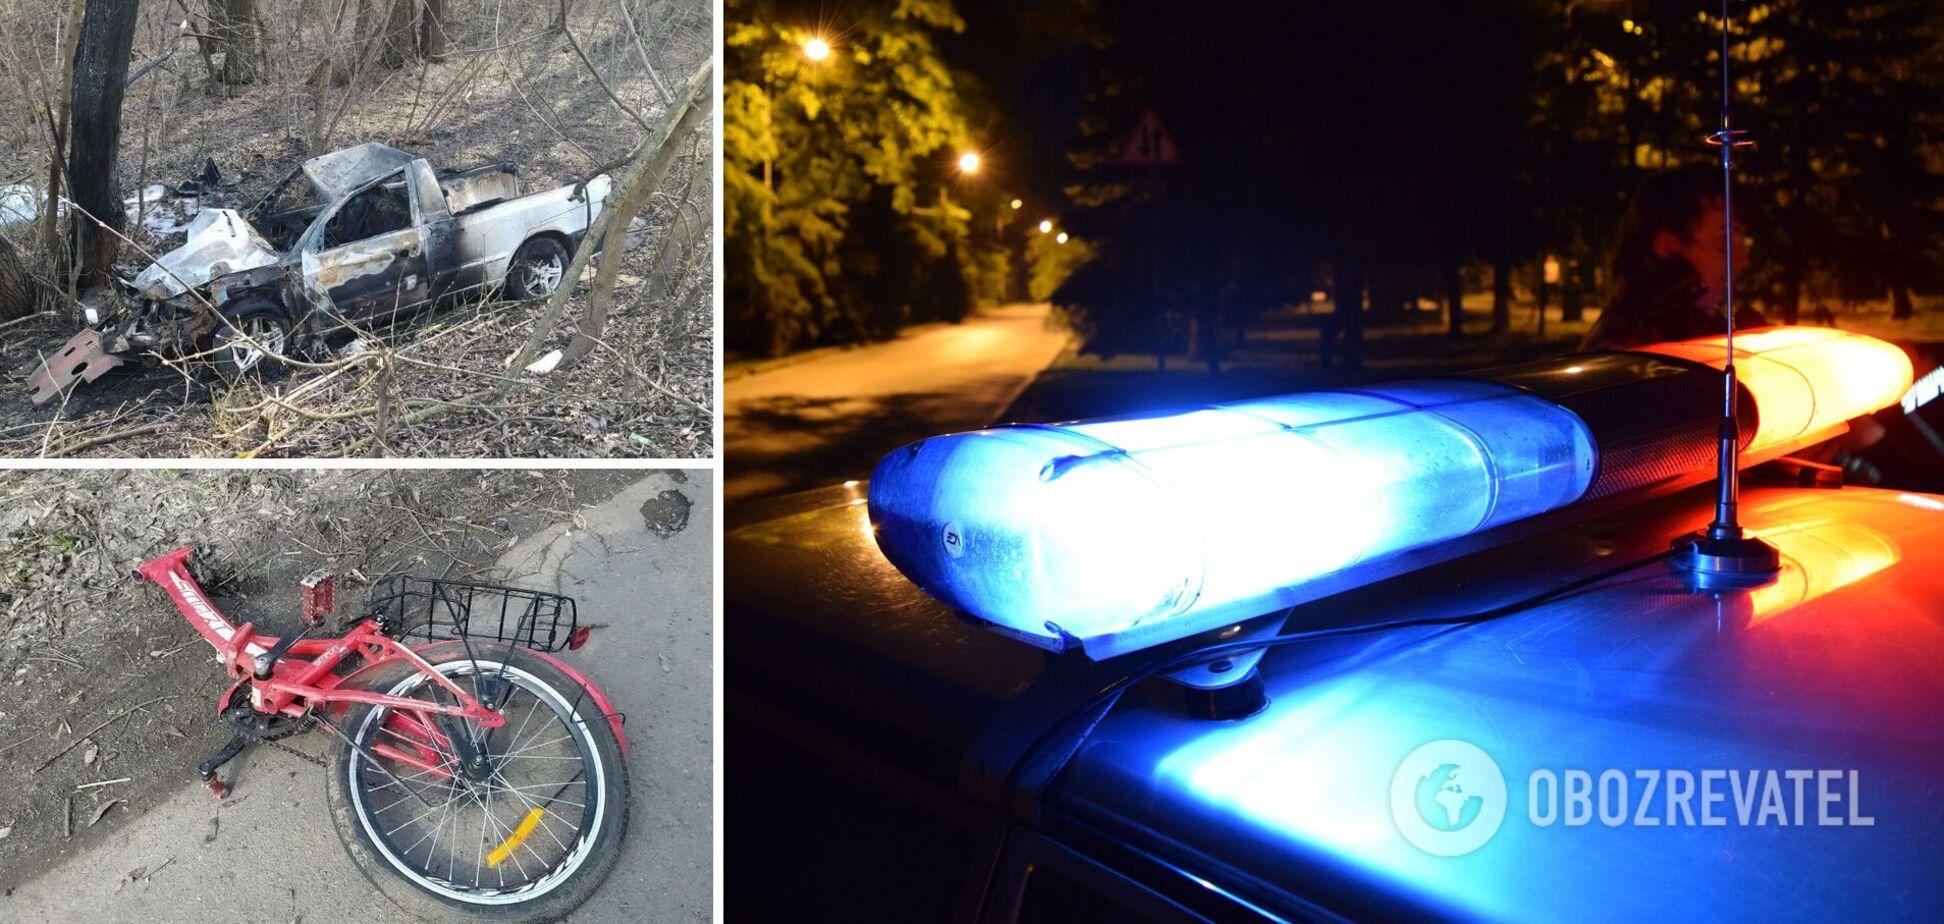 Під Вінницею 20-річний п'яний іменинник убив маленьких братів: деталі трагічної ДТП